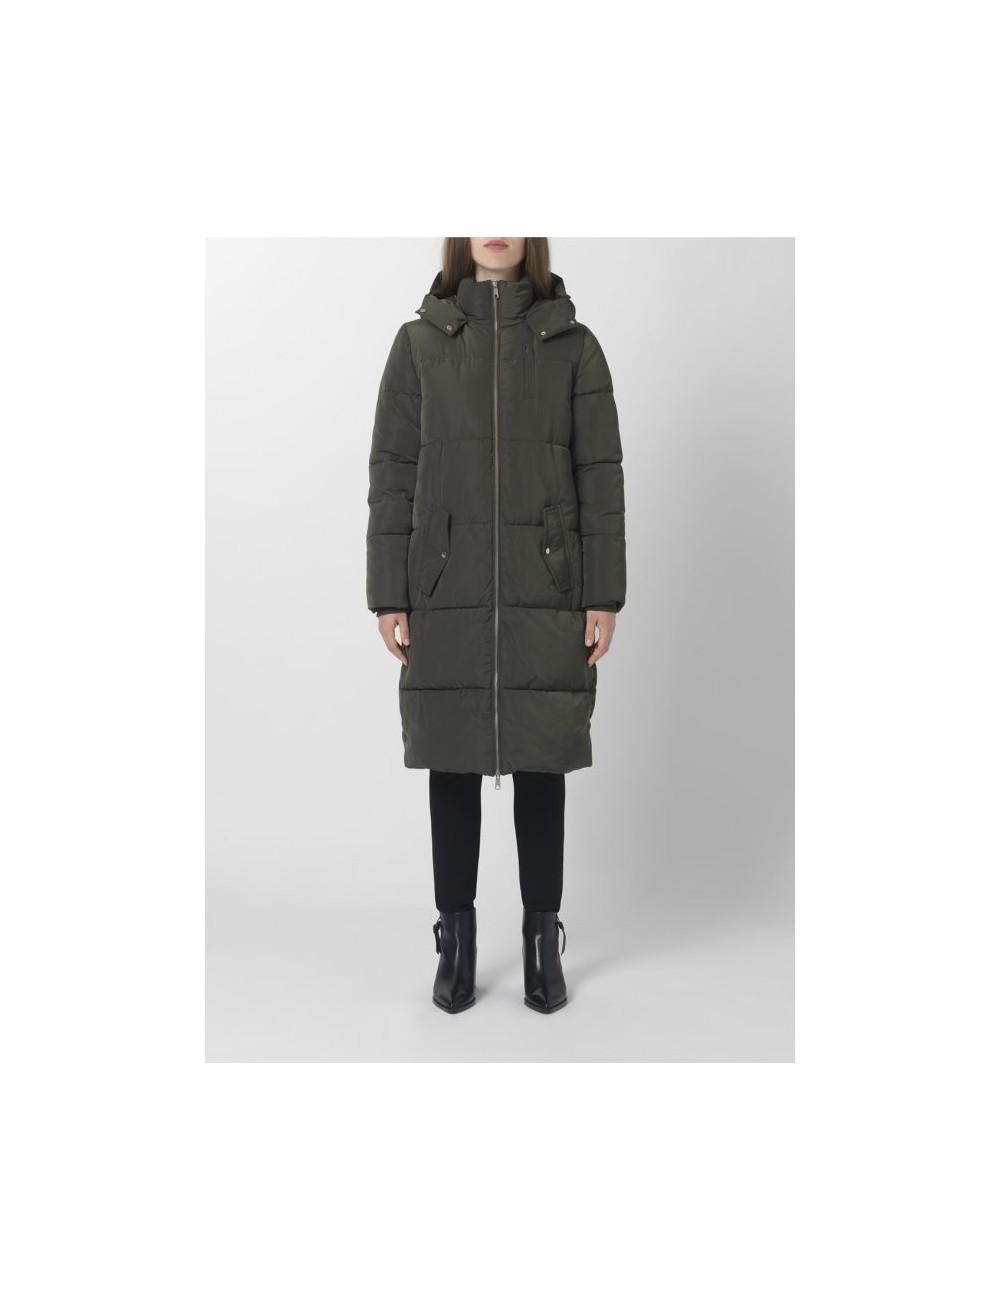 Mantel Phoebe Jacket -...